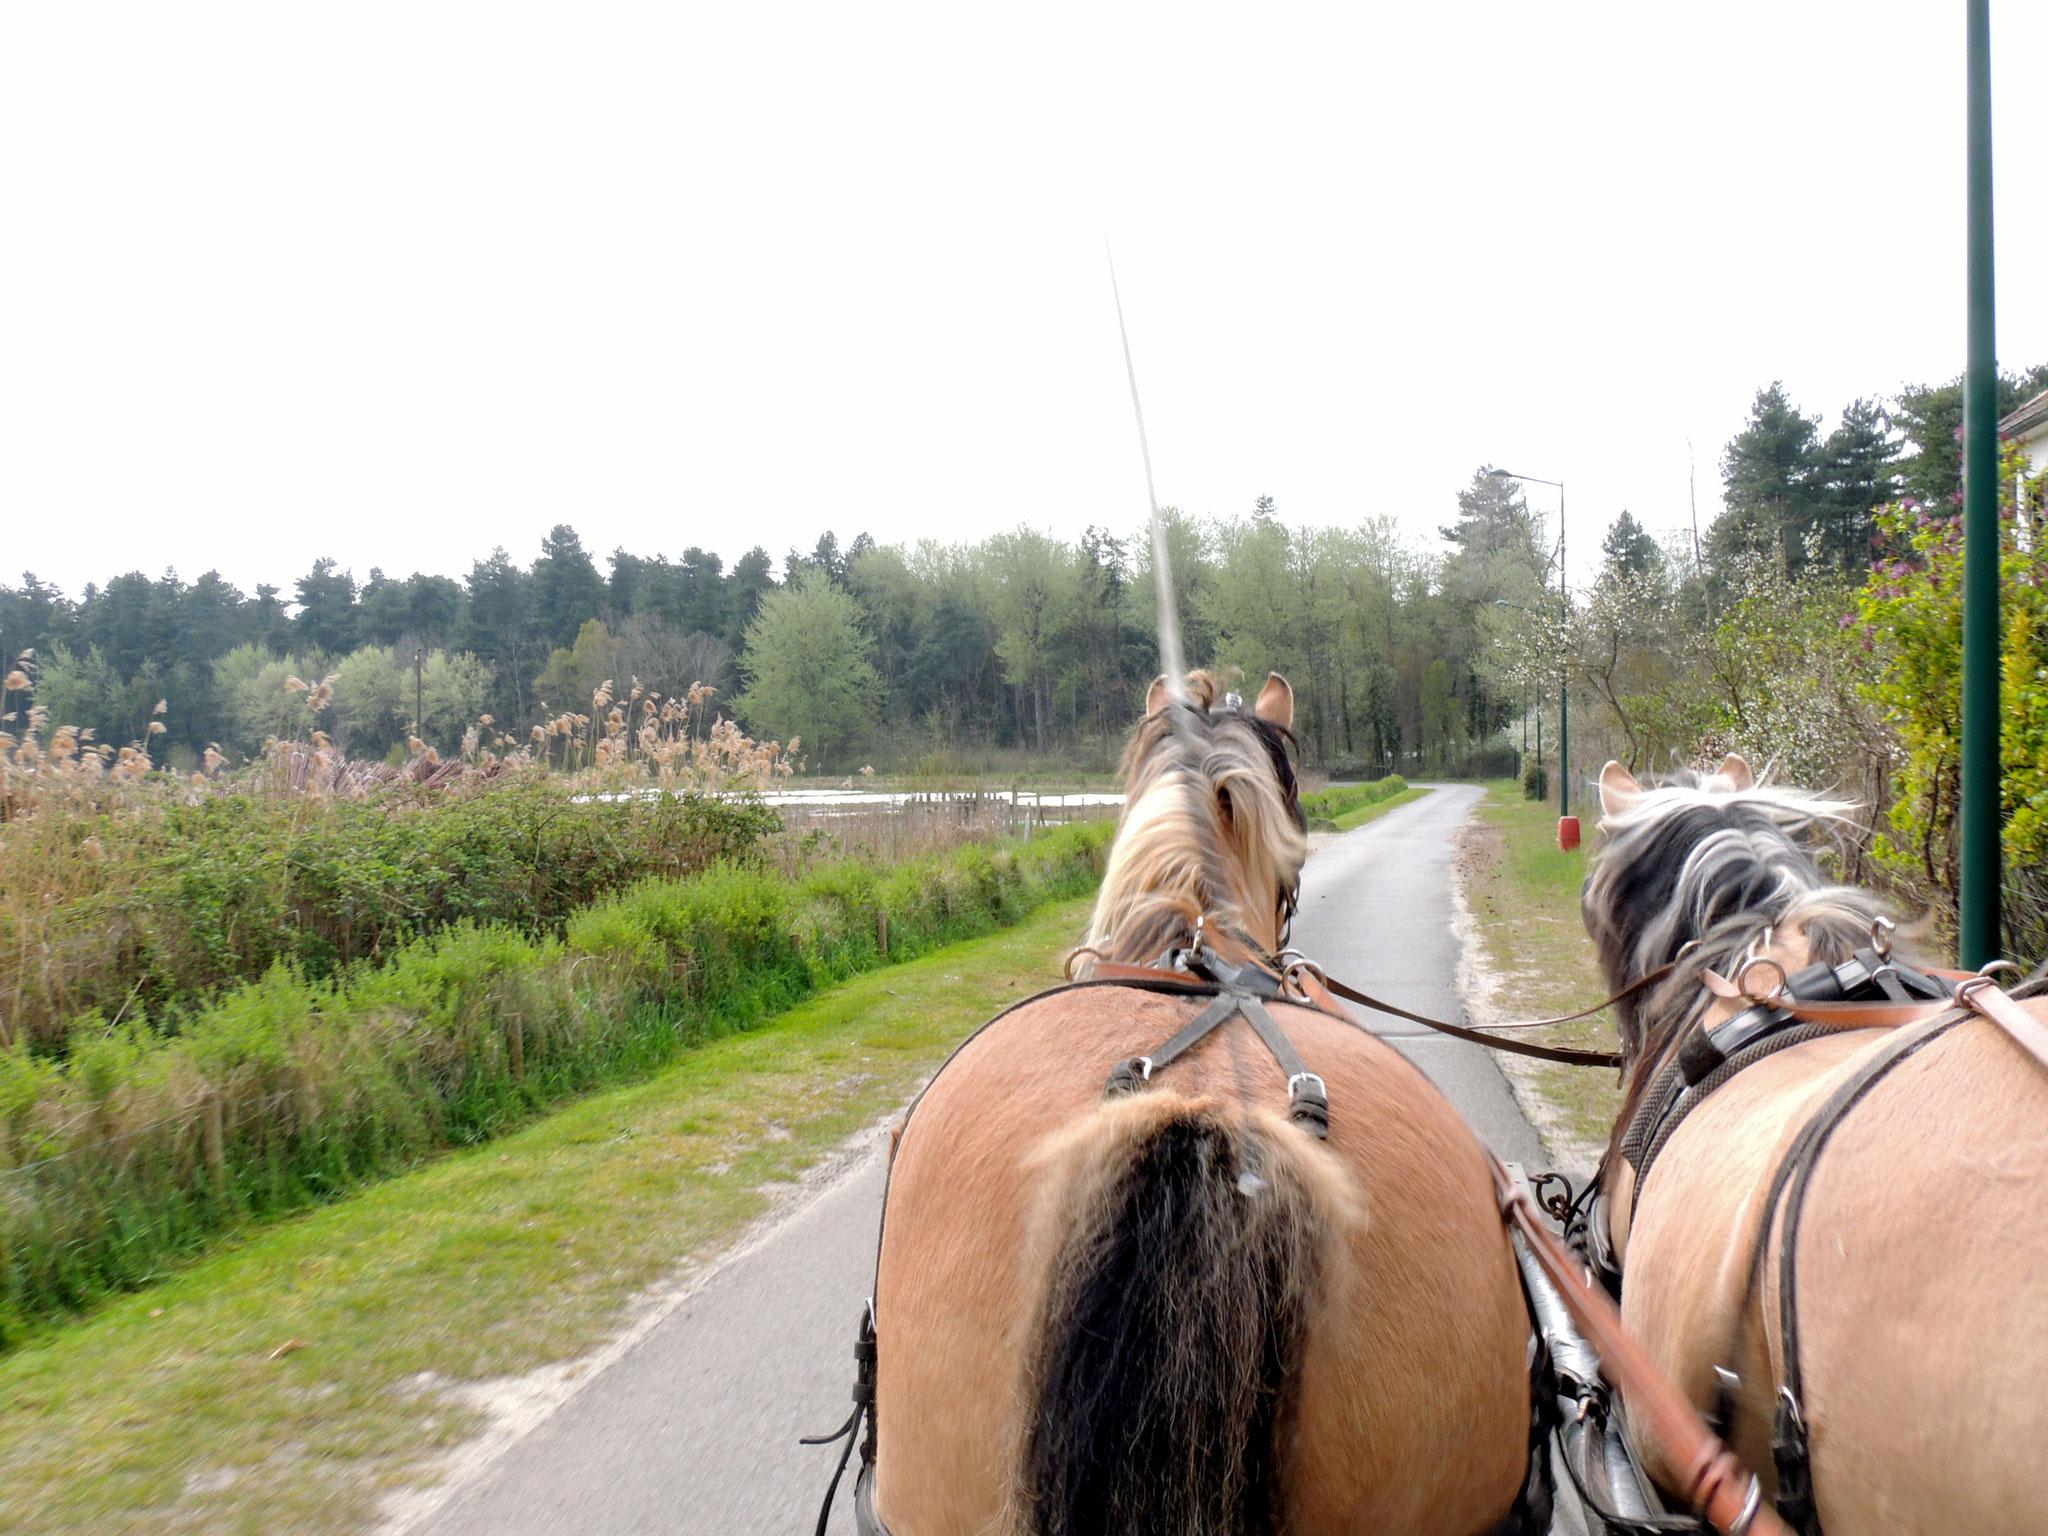 Départ pour la balade en calèche : direction Baie de Somme